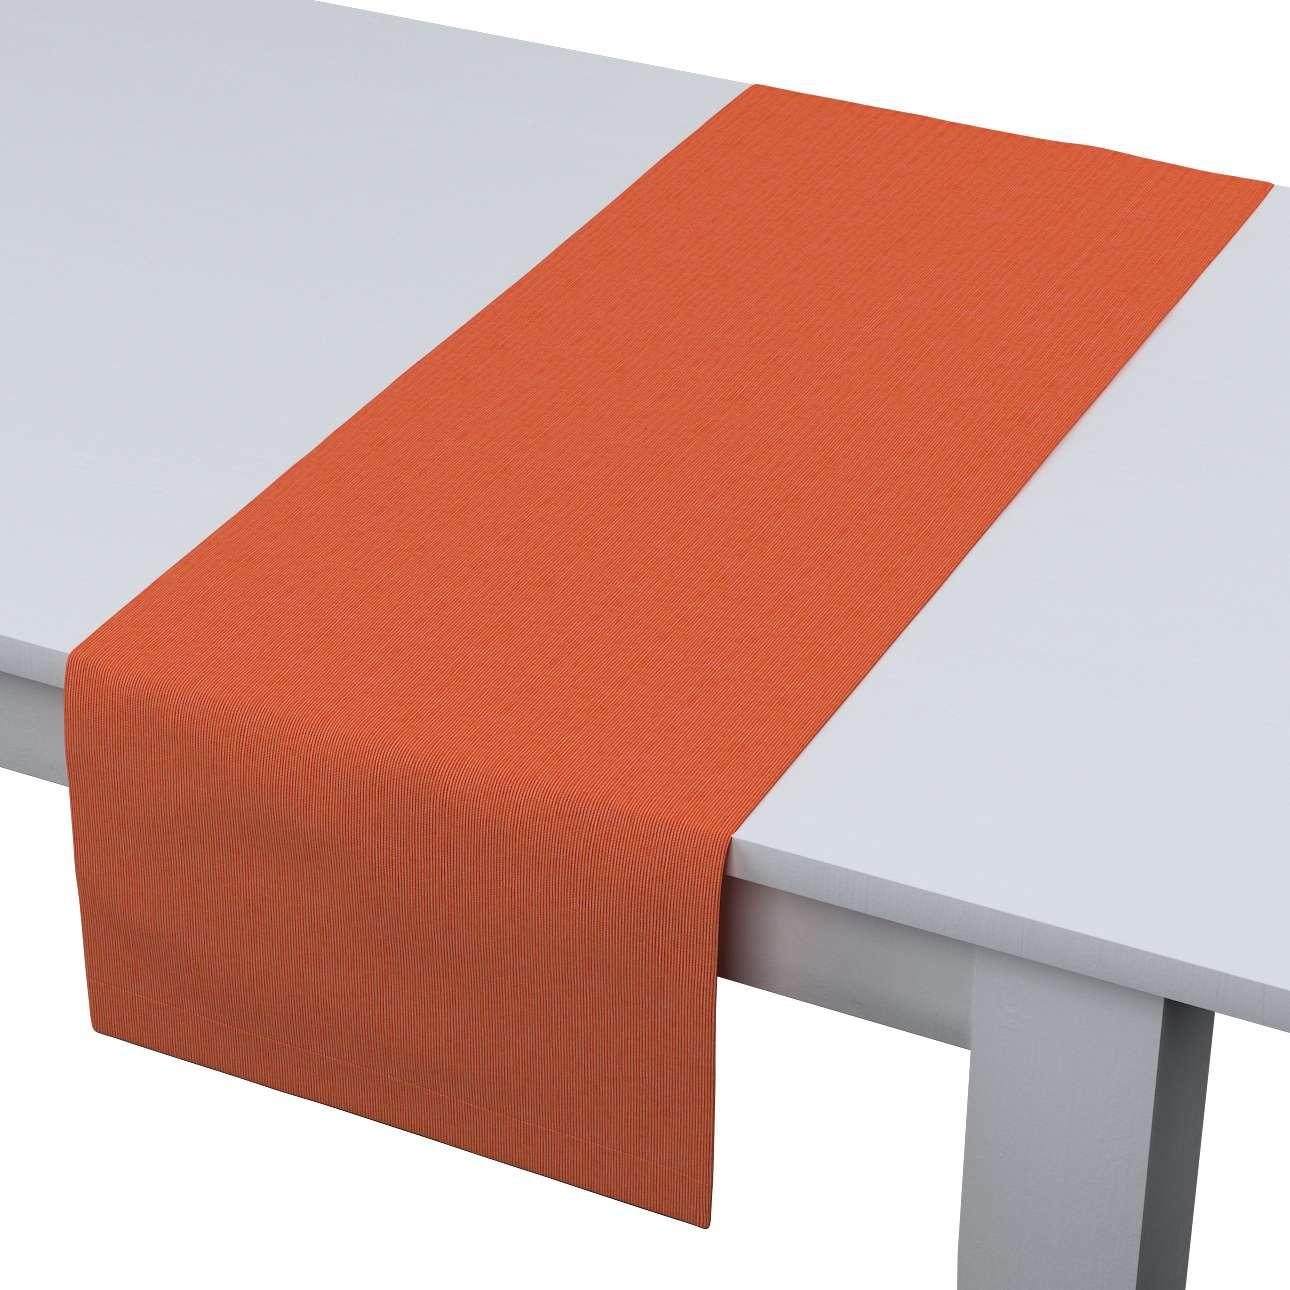 Rechteckiger Tischläufer 40 x 130 cm von der Kollektion Jupiter, Stoff: 127-35